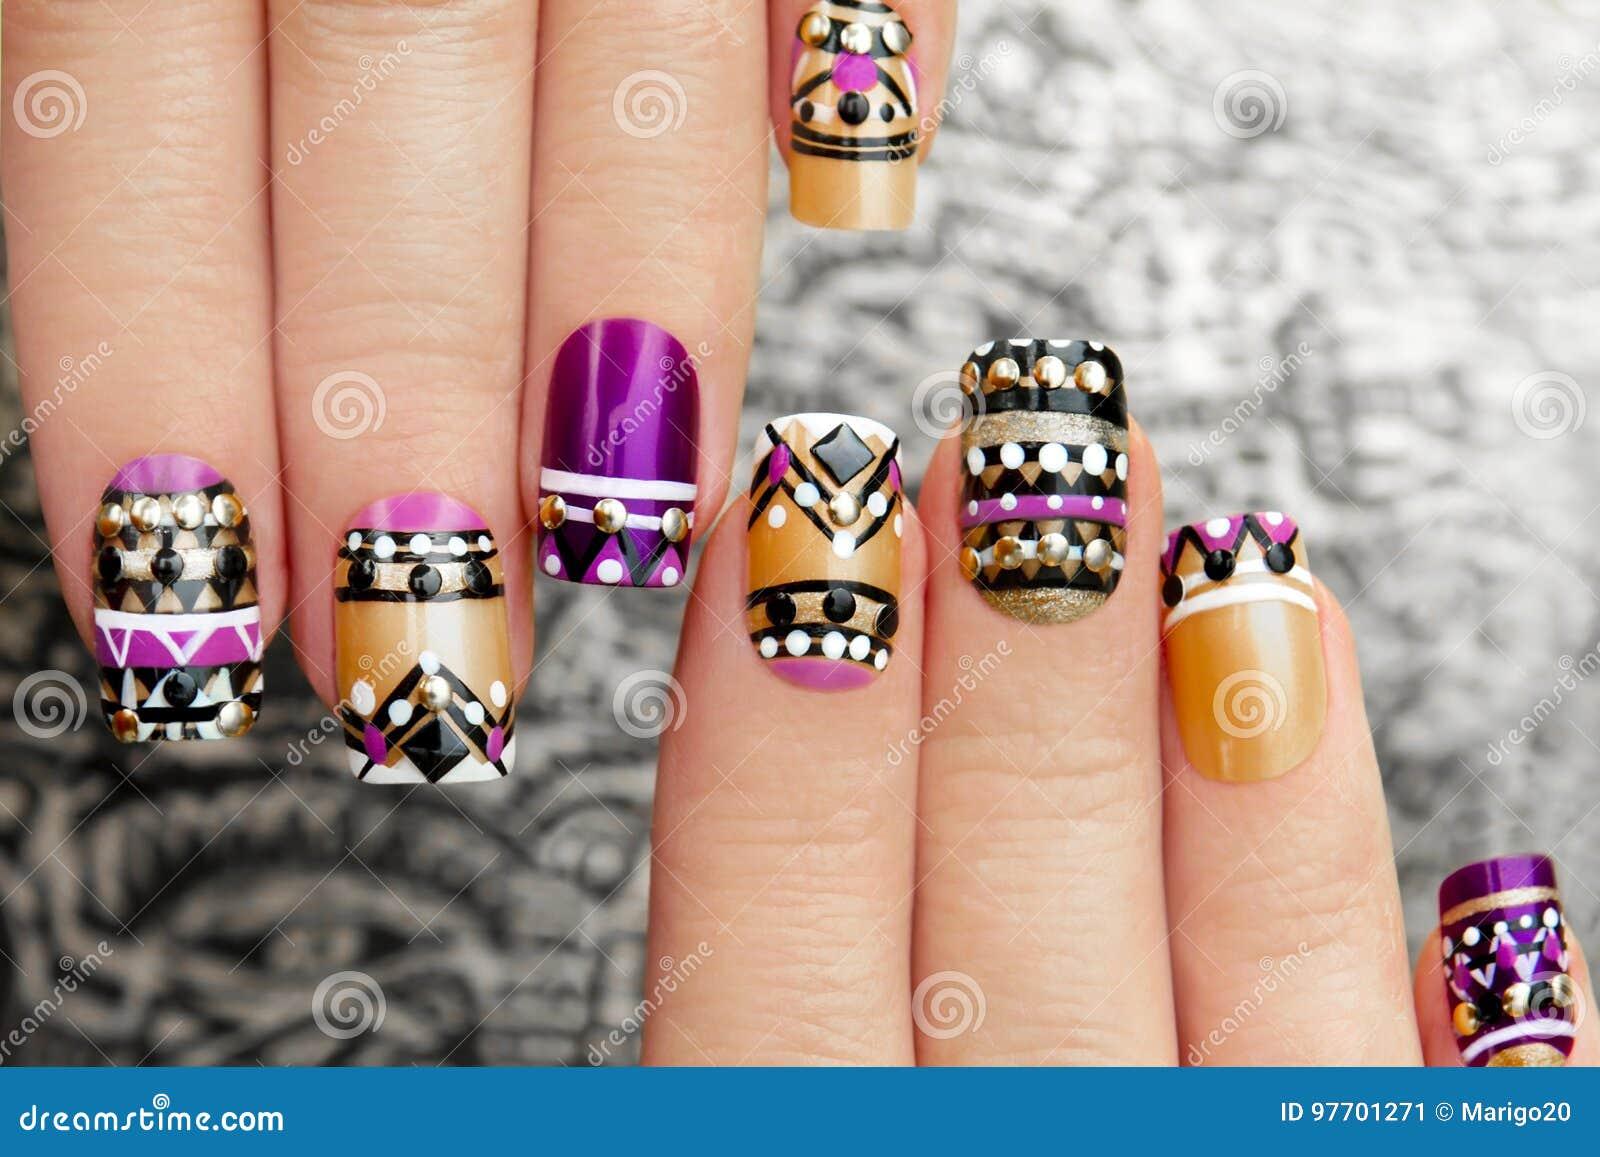 Manicure met kleurrijk etnisch ontwerp